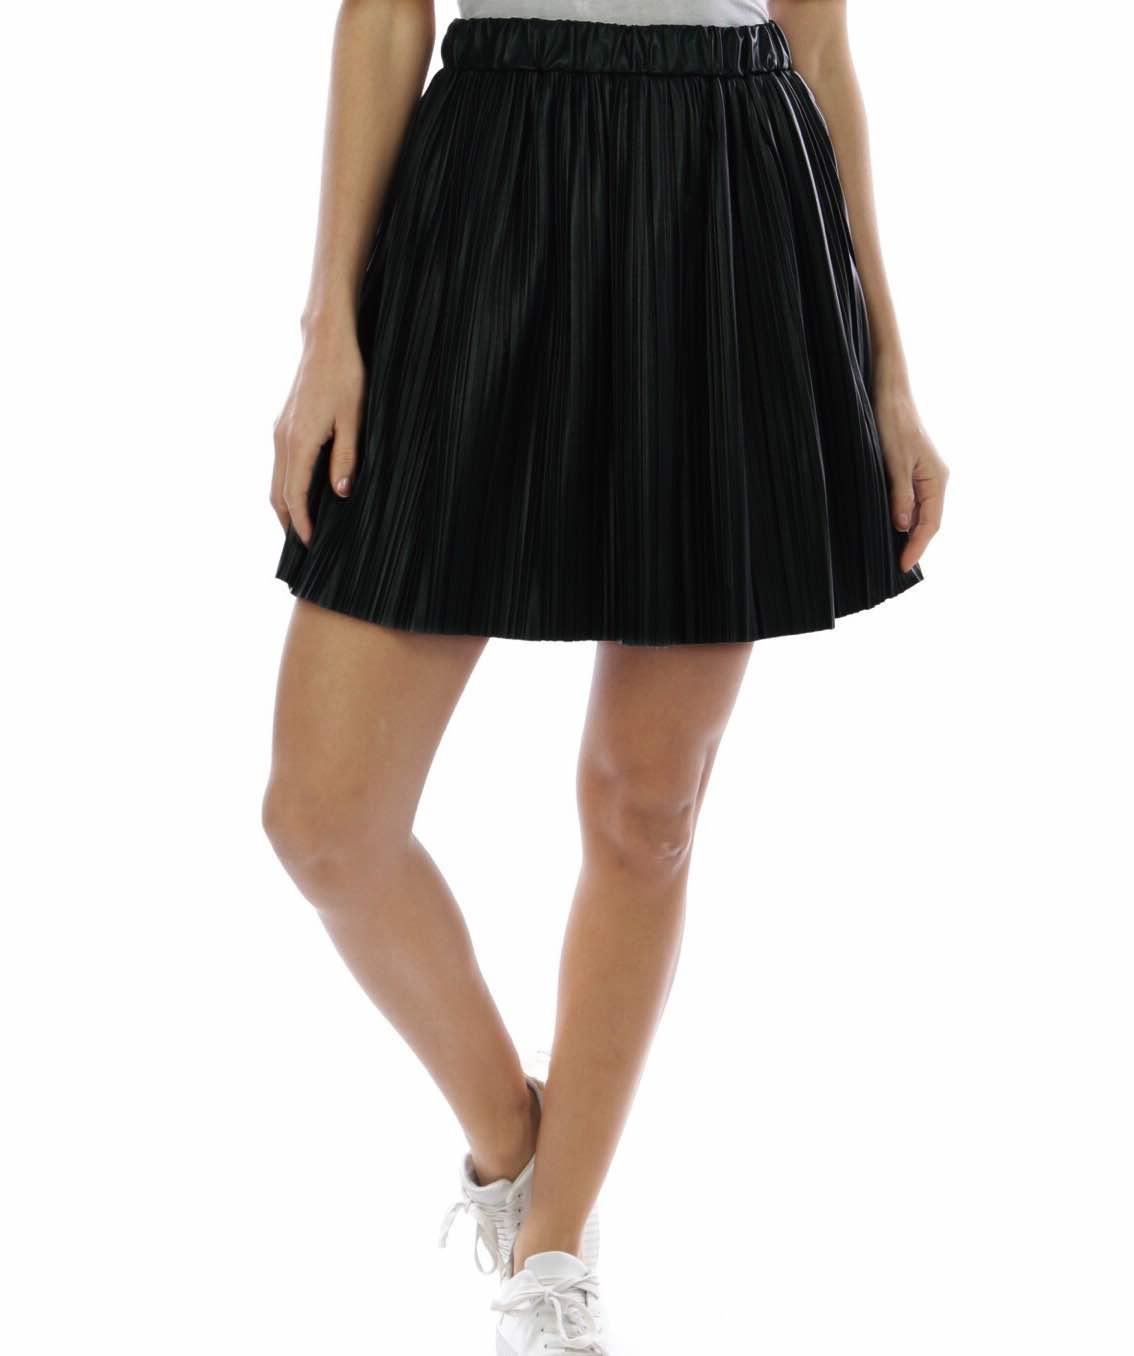 4beb4f9627 Falda plisada negra